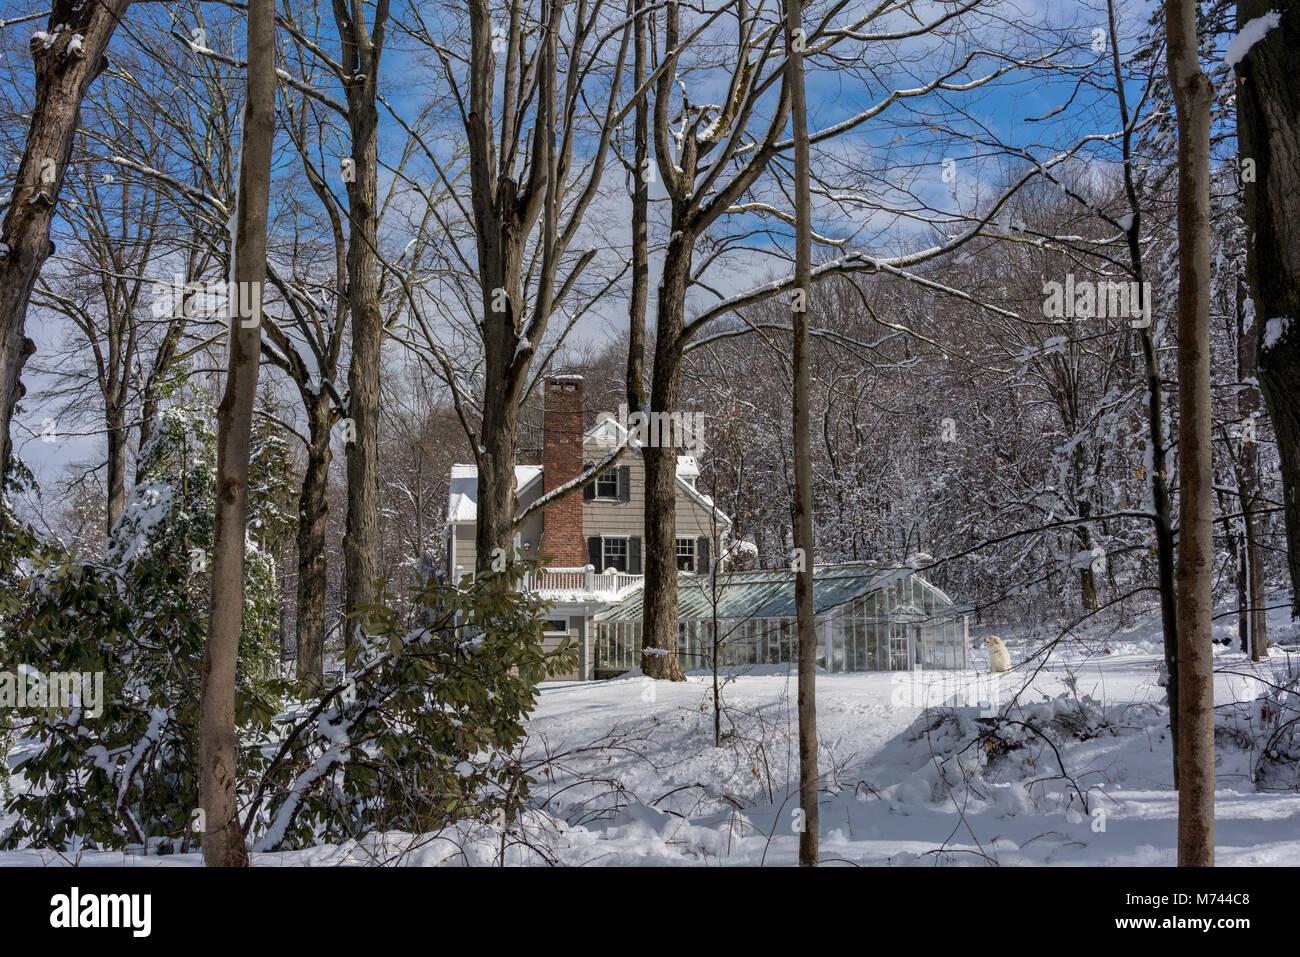 chappaqua-ny-usa-8th-march-2018-snow-doe